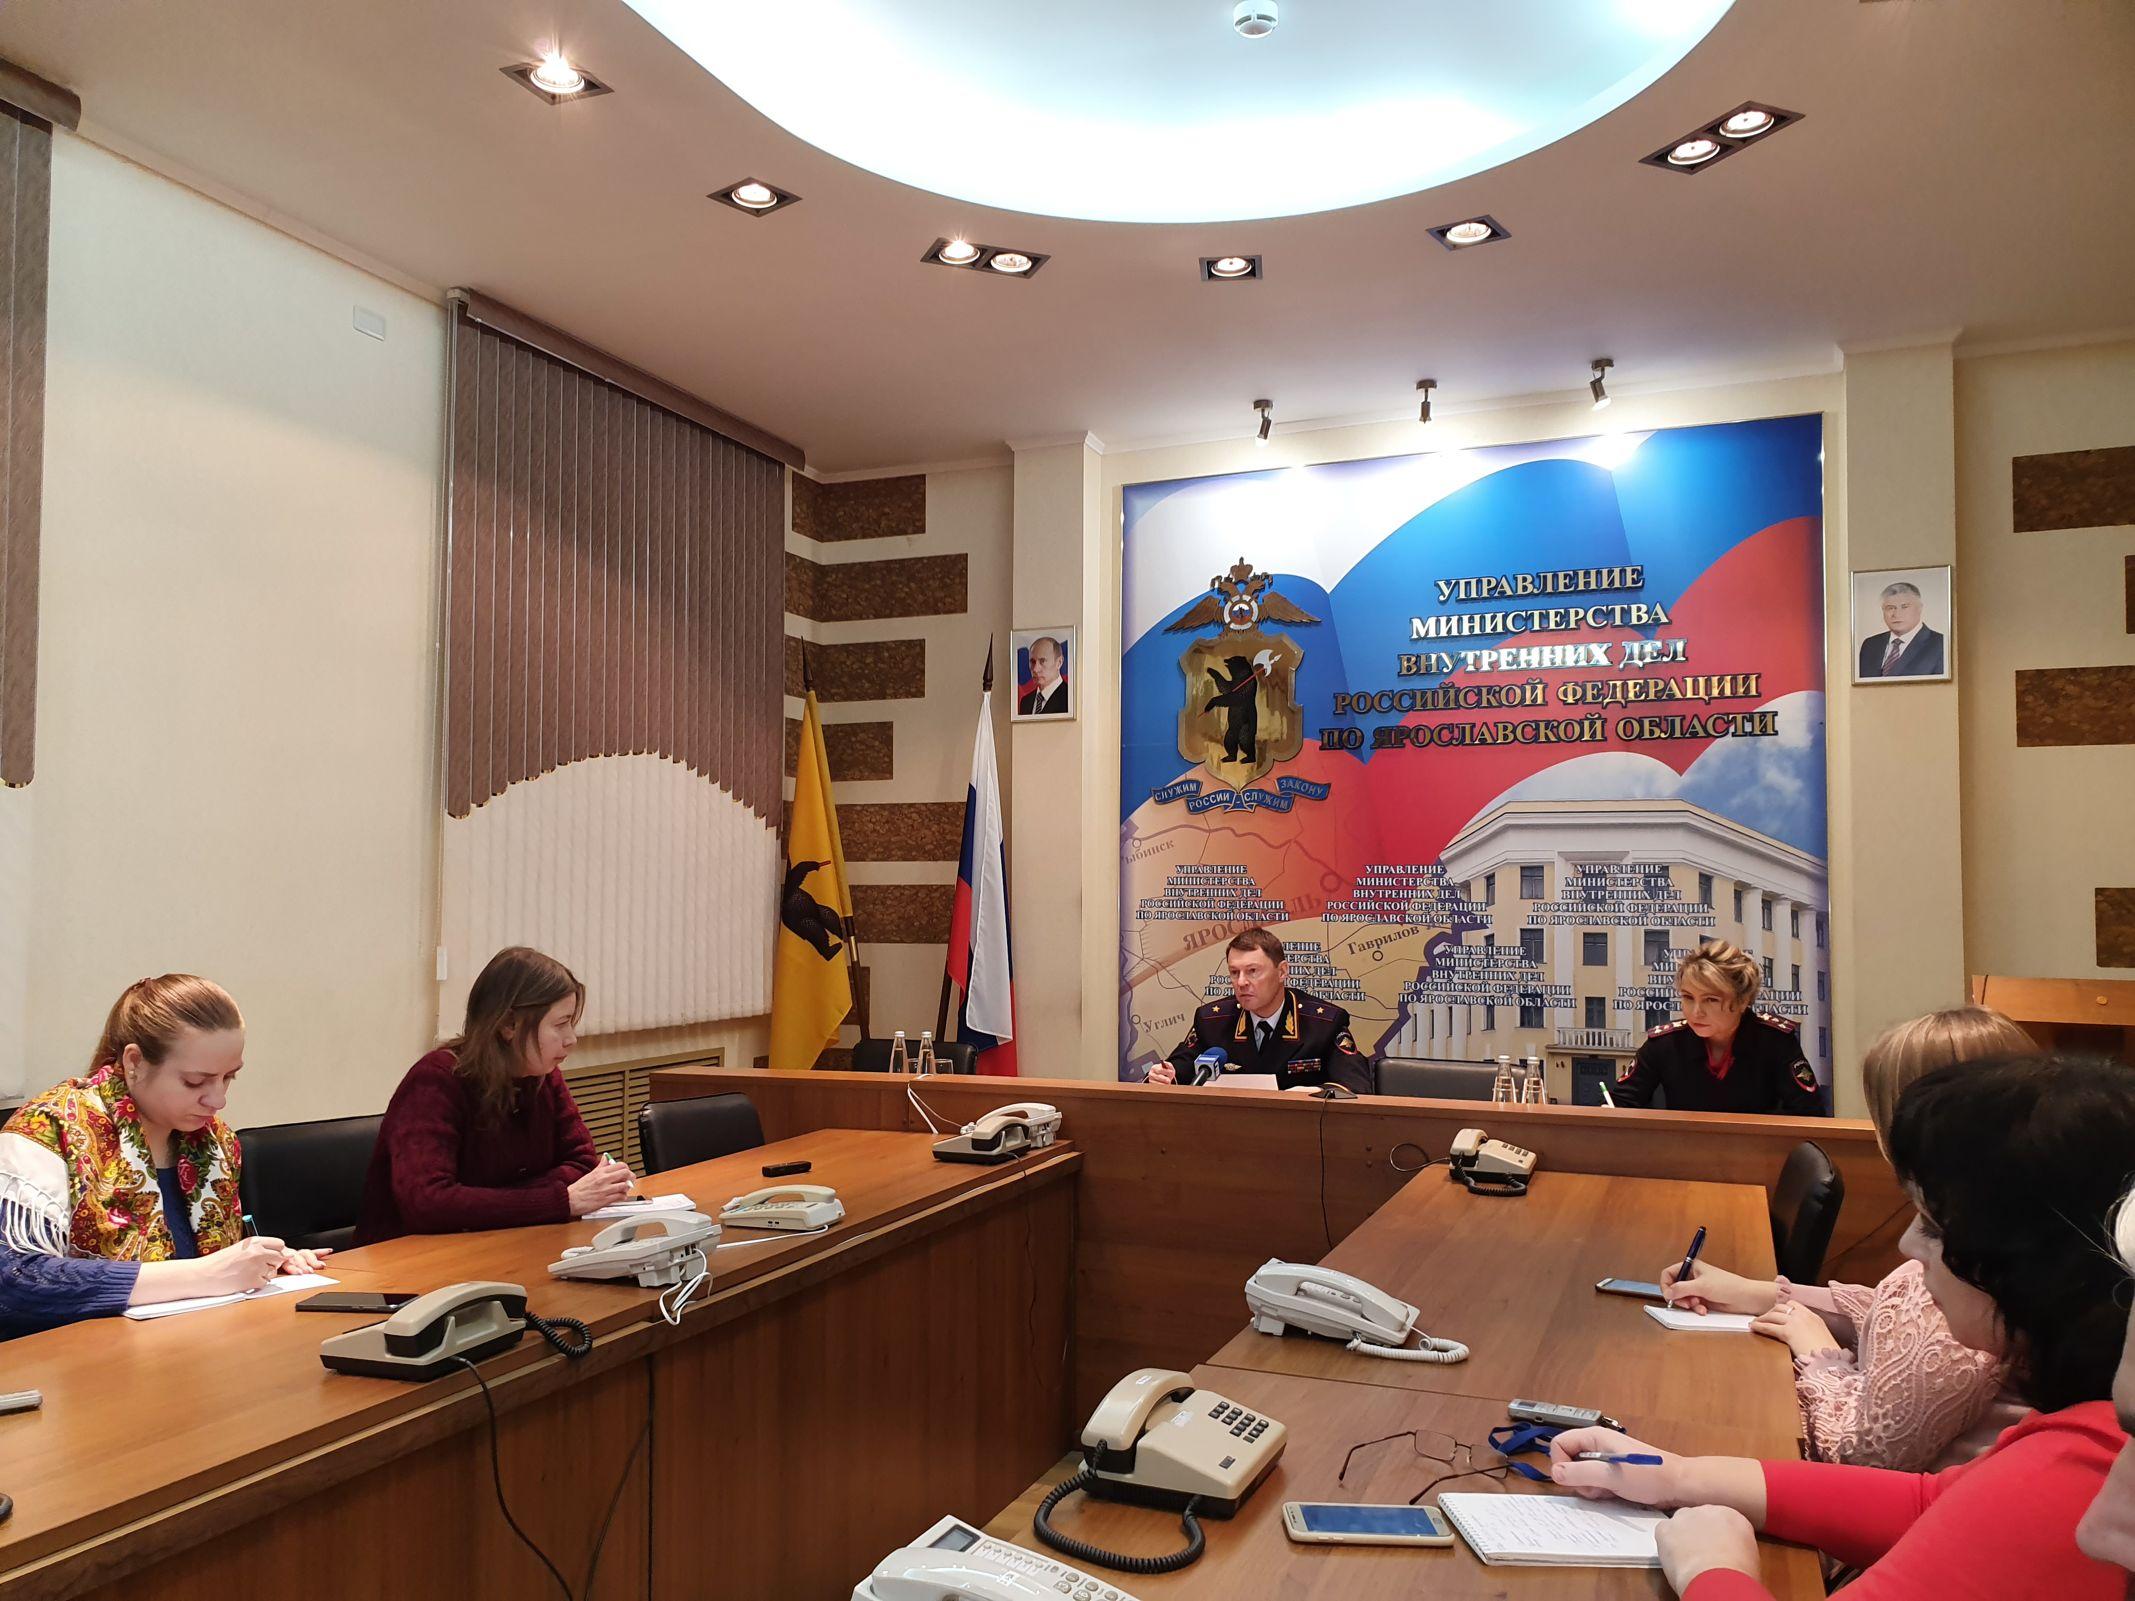 В Ярославле назвали самые распространенные преступления за прошлый год